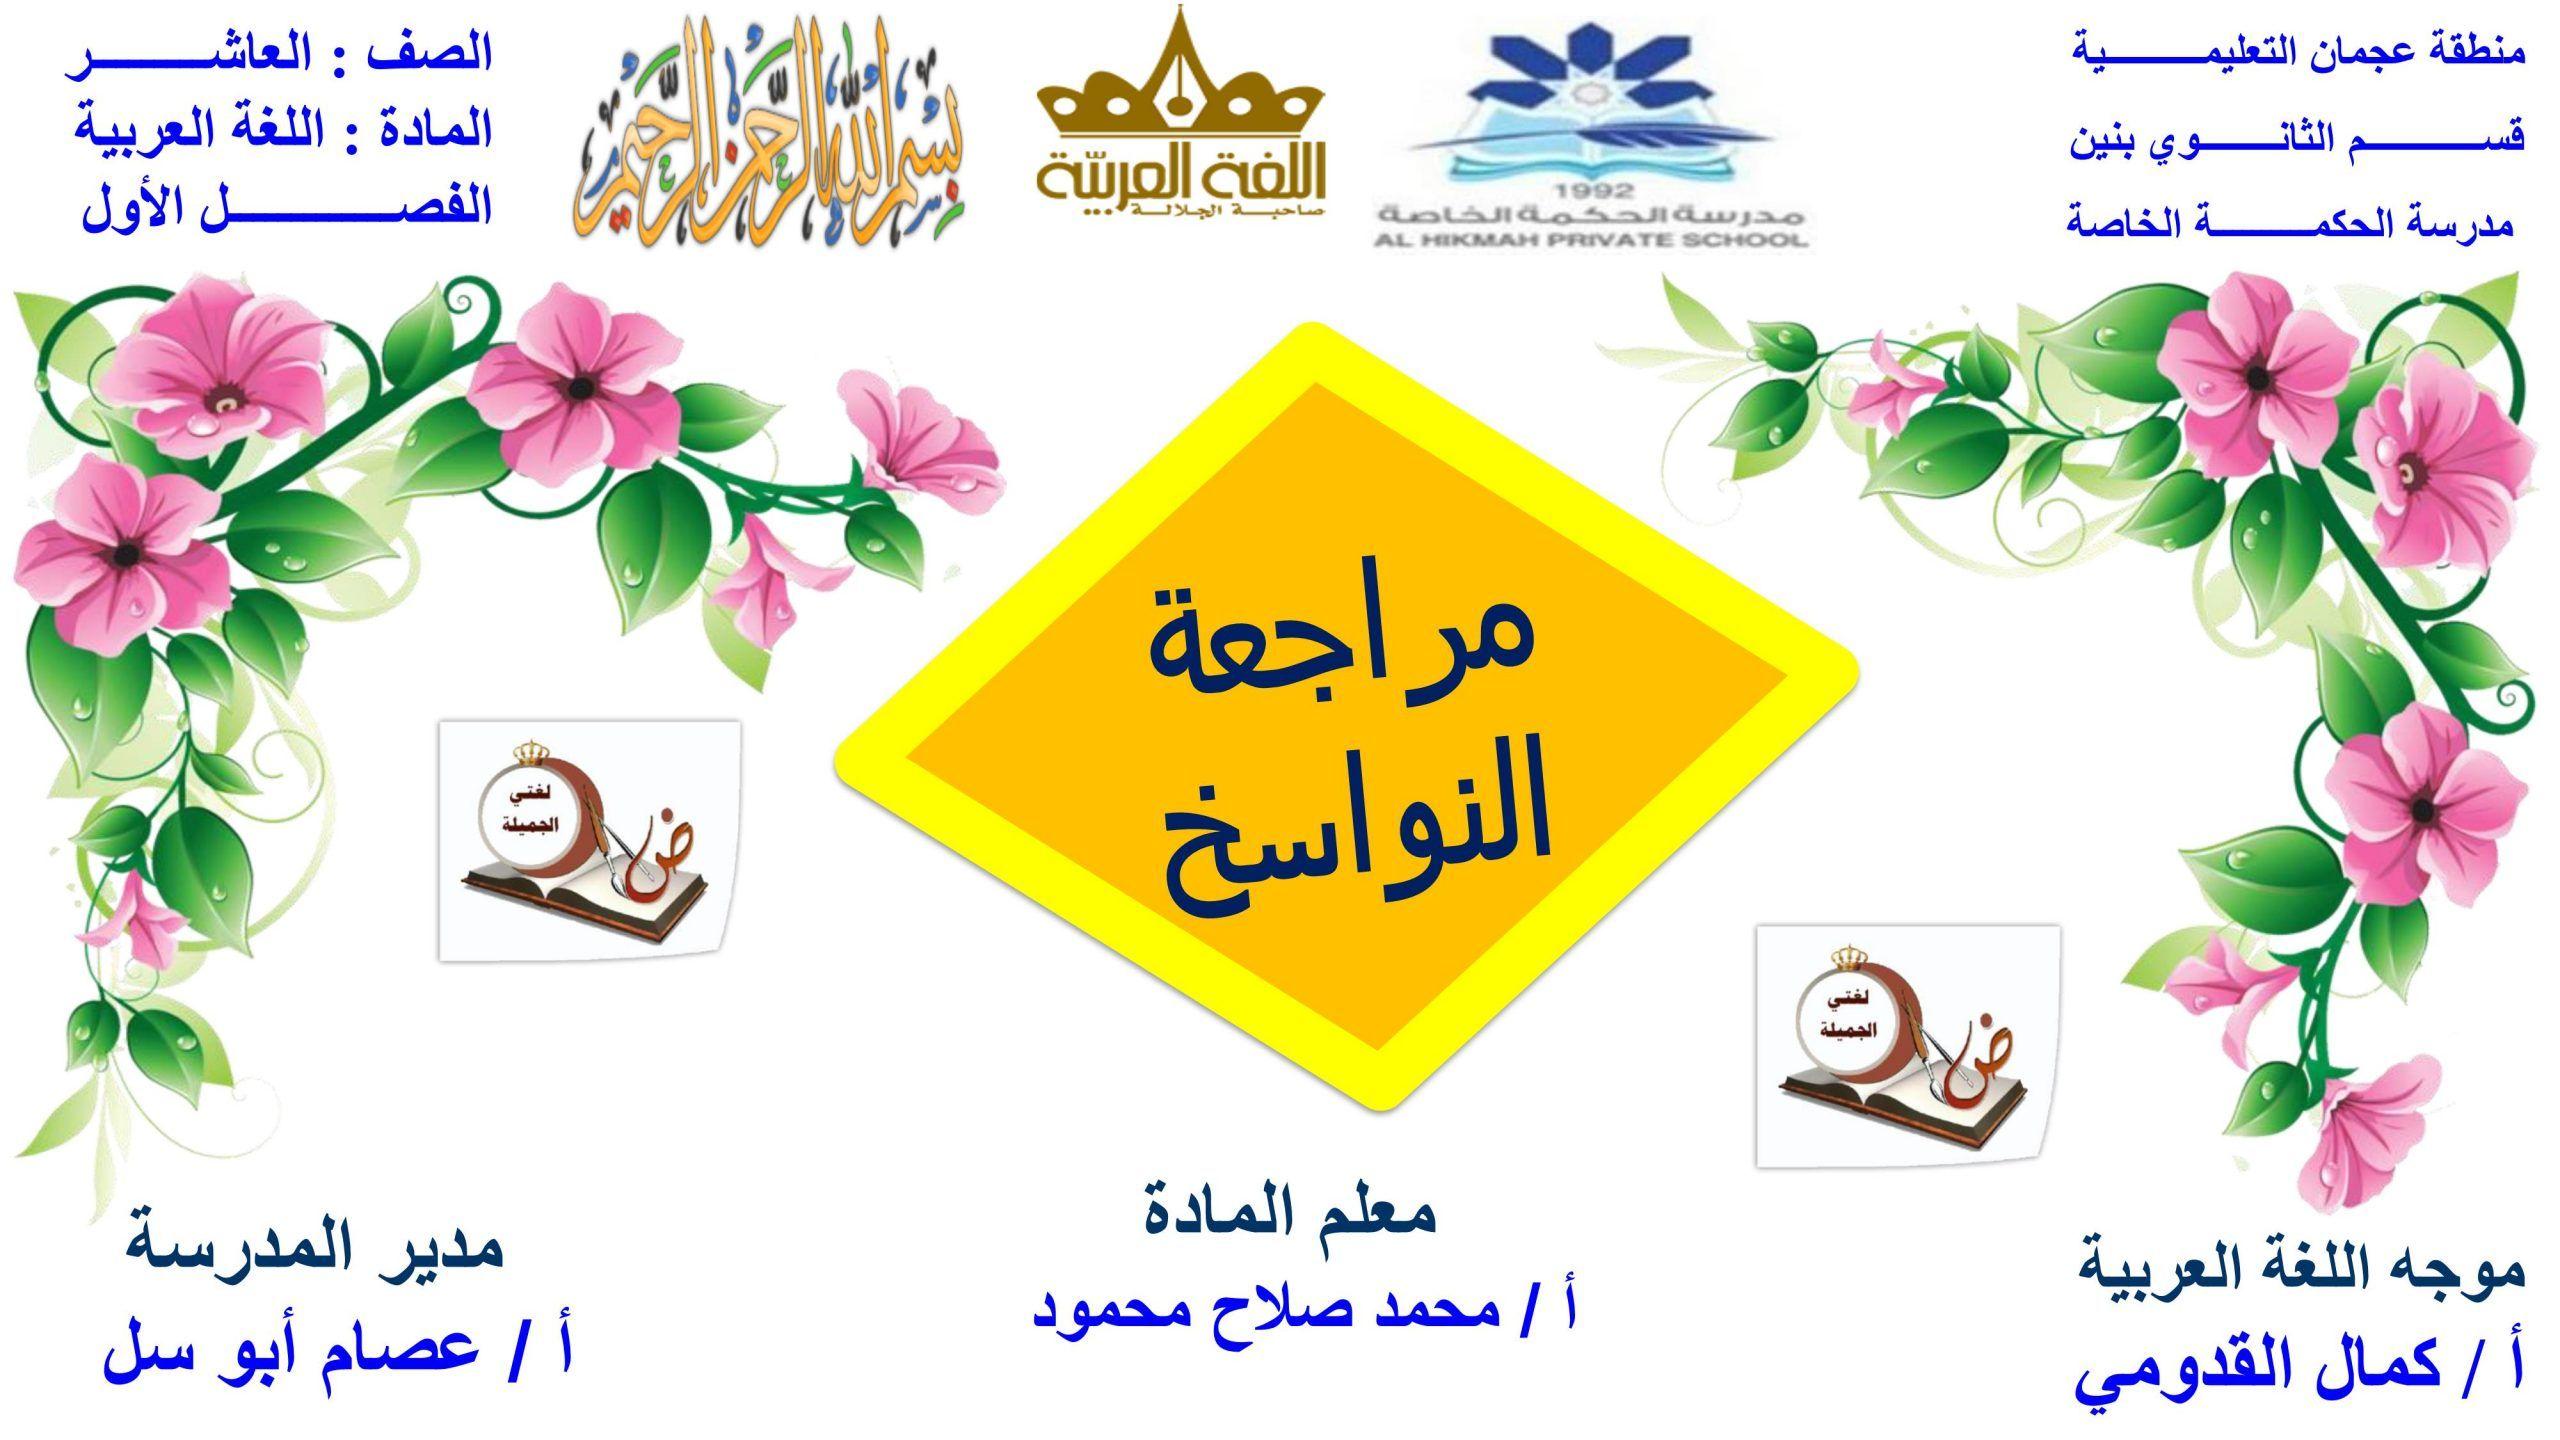 مراجعة النواسخ الفصل الدراسي الاول الصف العاشر مادة اللغة العربية Tableware Napkins